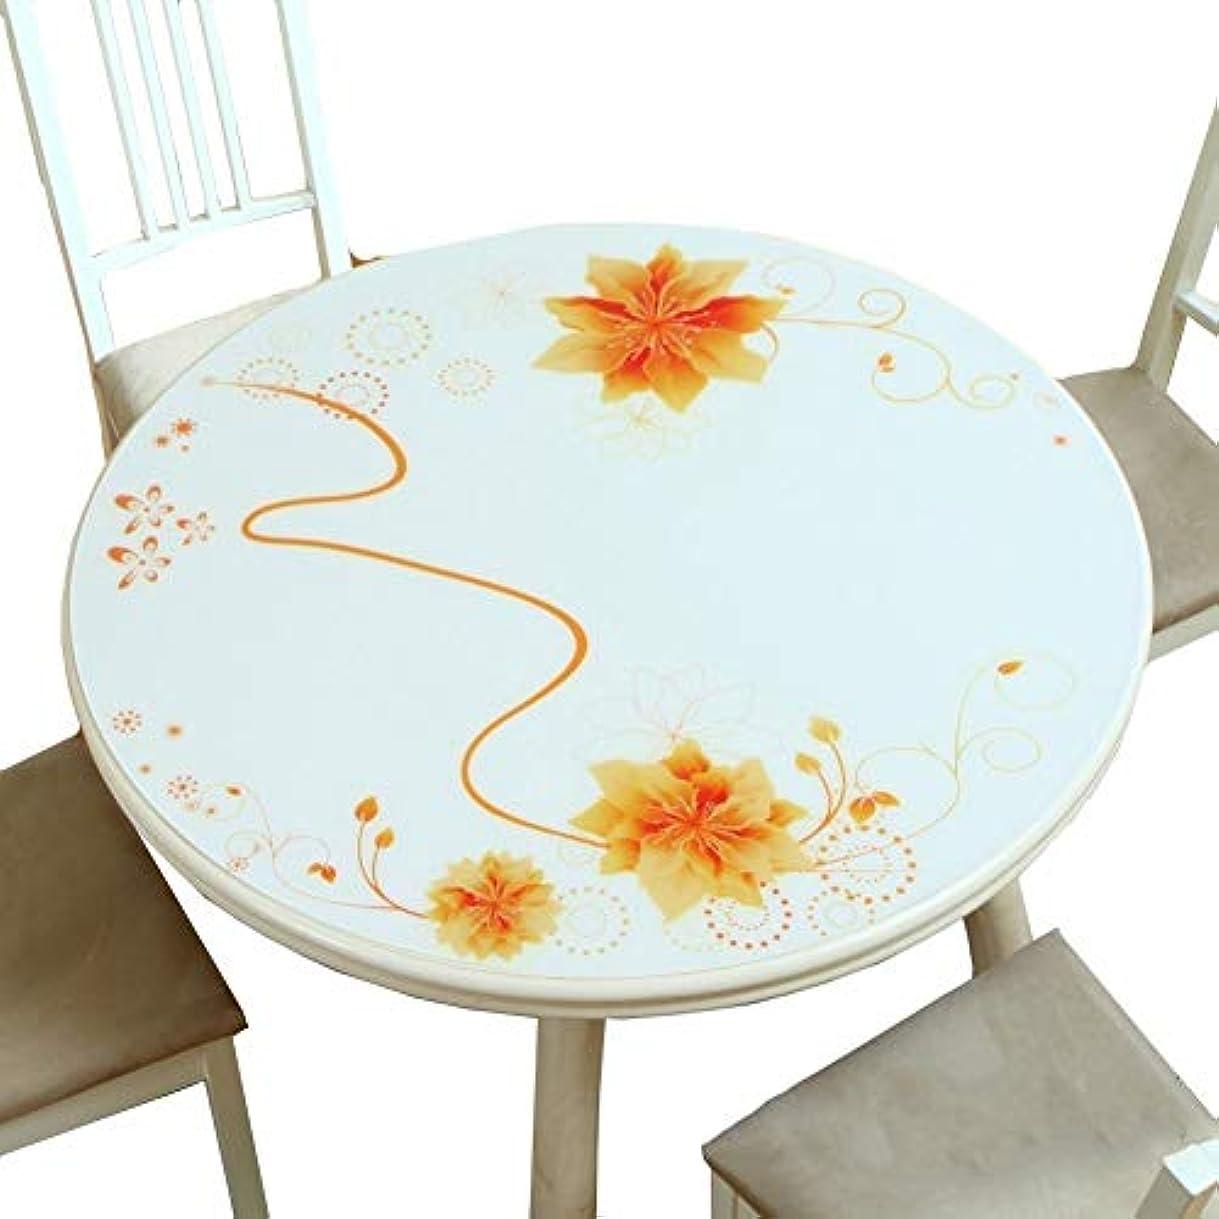 知覚的自分後者クリスマス PCV テーブル クロス PVCプラスチックテーブルクロスラウンドホーム熱湯消毒証明オイルシール表パッド (Size : 60CM)